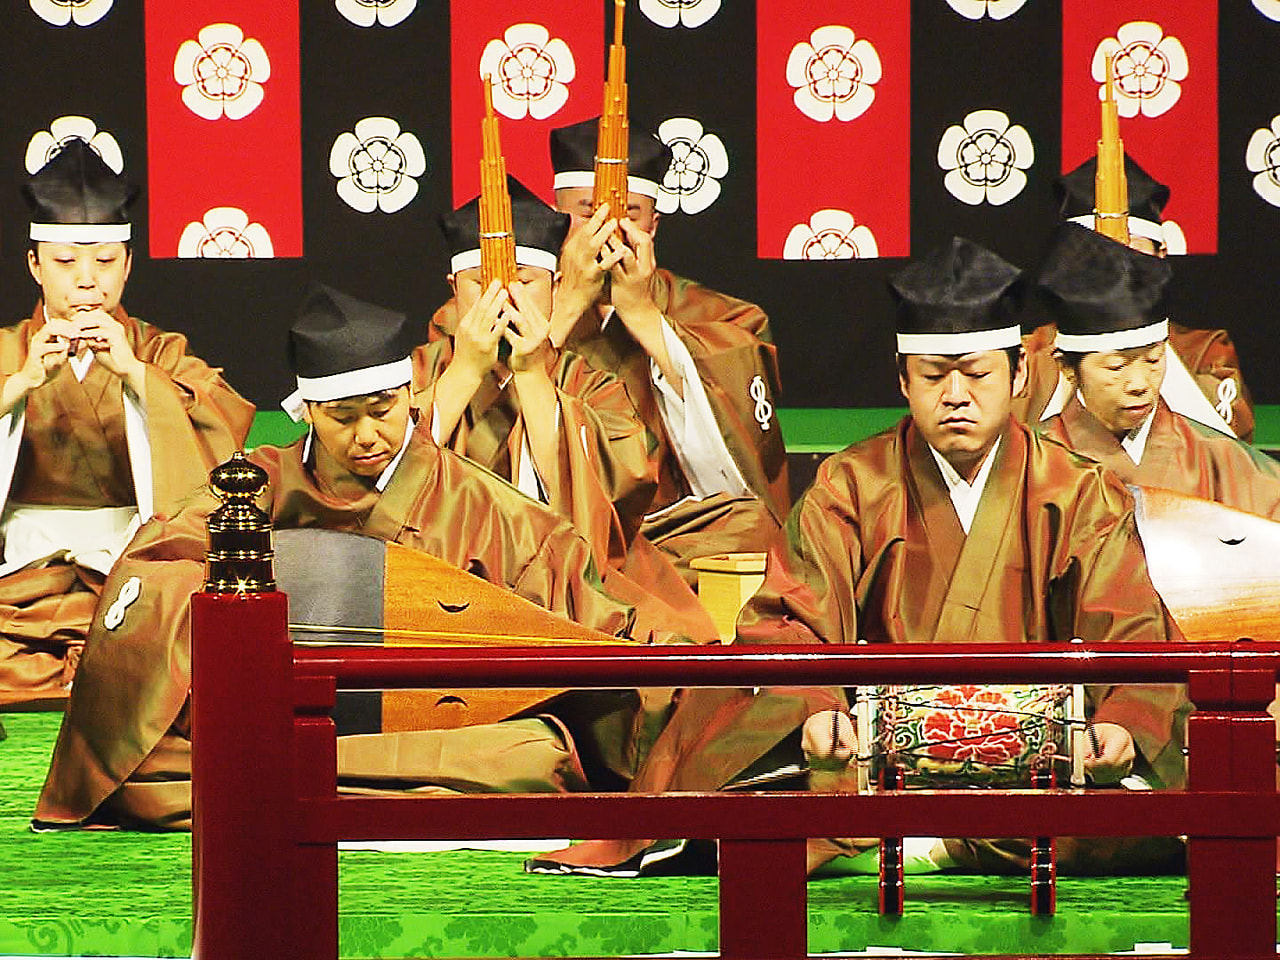 岐阜県内を拠点に、雅楽の伝承に向けて活動する雅楽松風会の定期演奏会が岐阜市で開か...